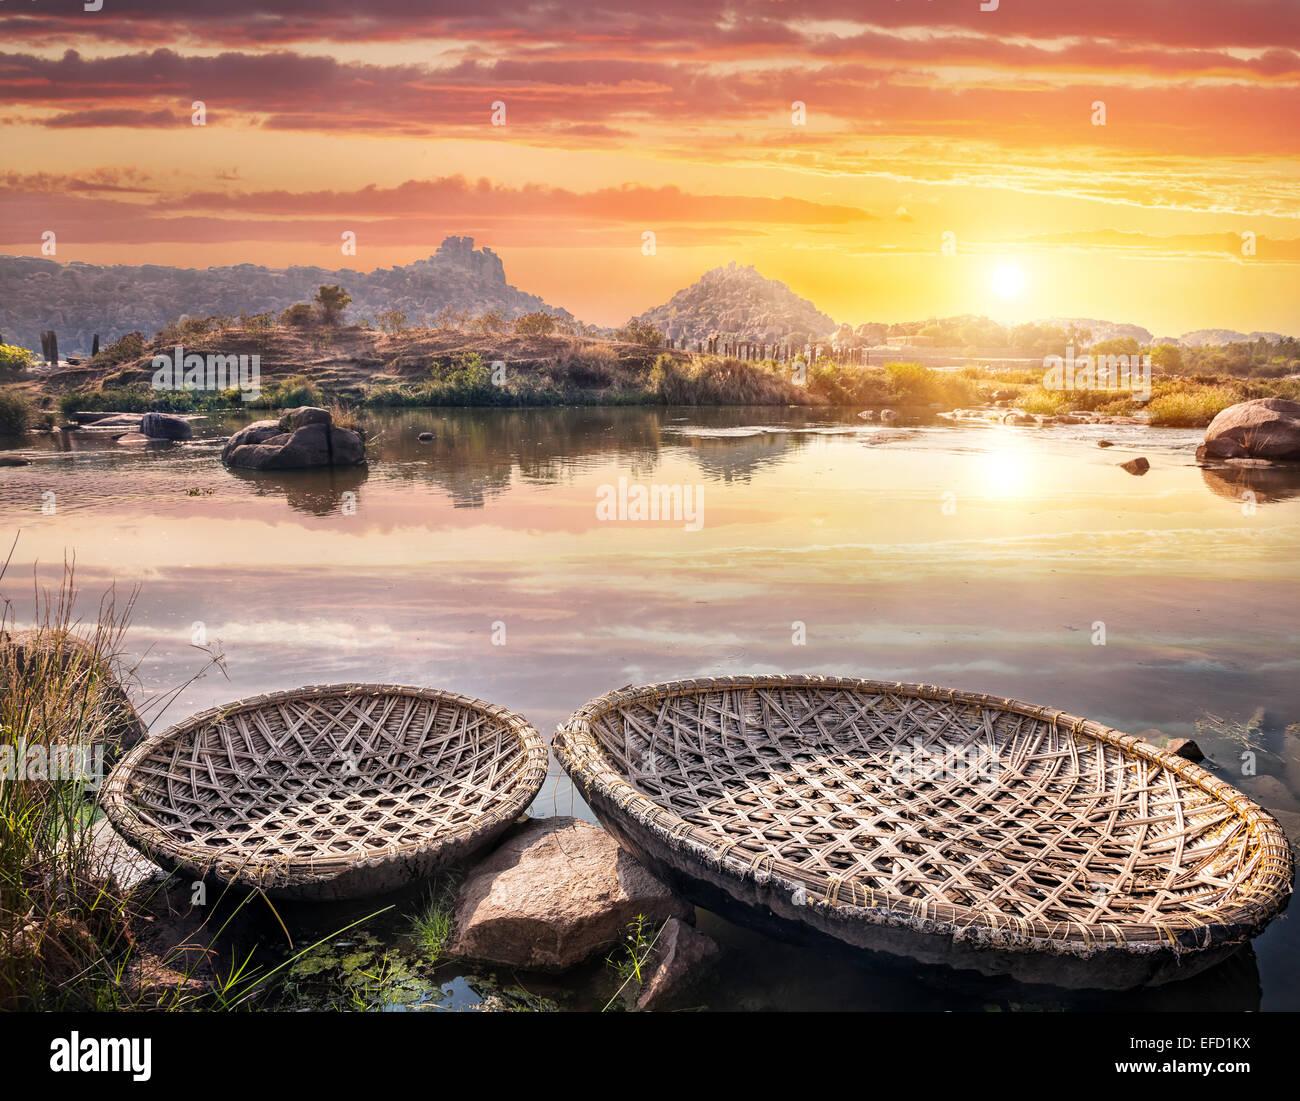 Round shape boats on Tungabhadra river at sunset sky in Hampi, Karnataka, India - Stock Image